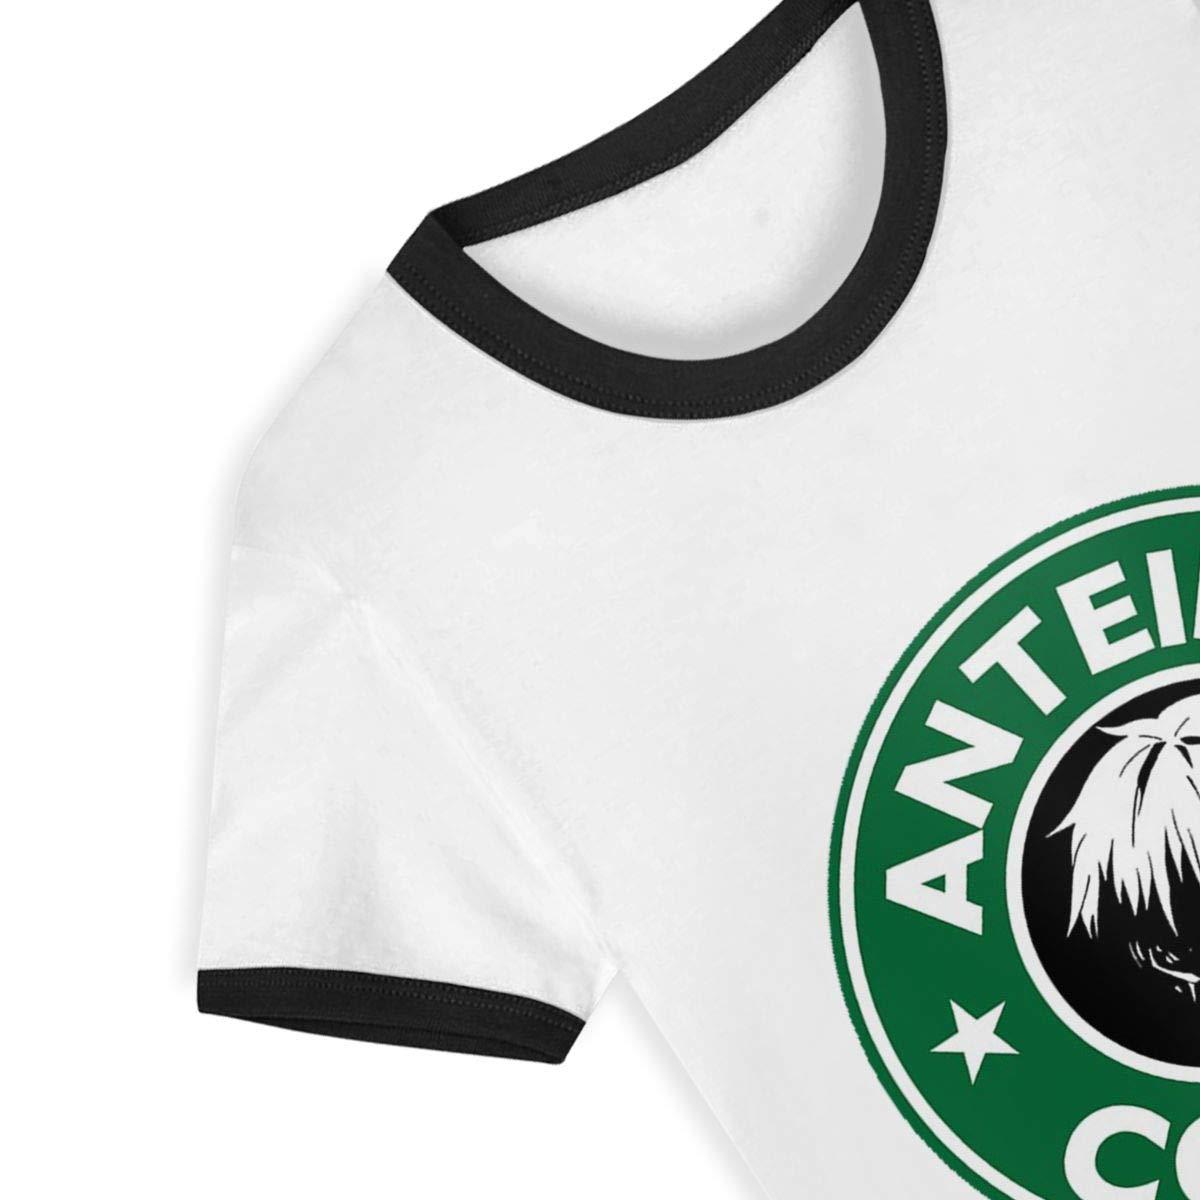 Anteiku Coffee Tokyo Ghoul Anteiku Tokyo Ghoul Old Nines Toddler Baby Tee Boys Girls Baseball Short Sleeve T-Shirt